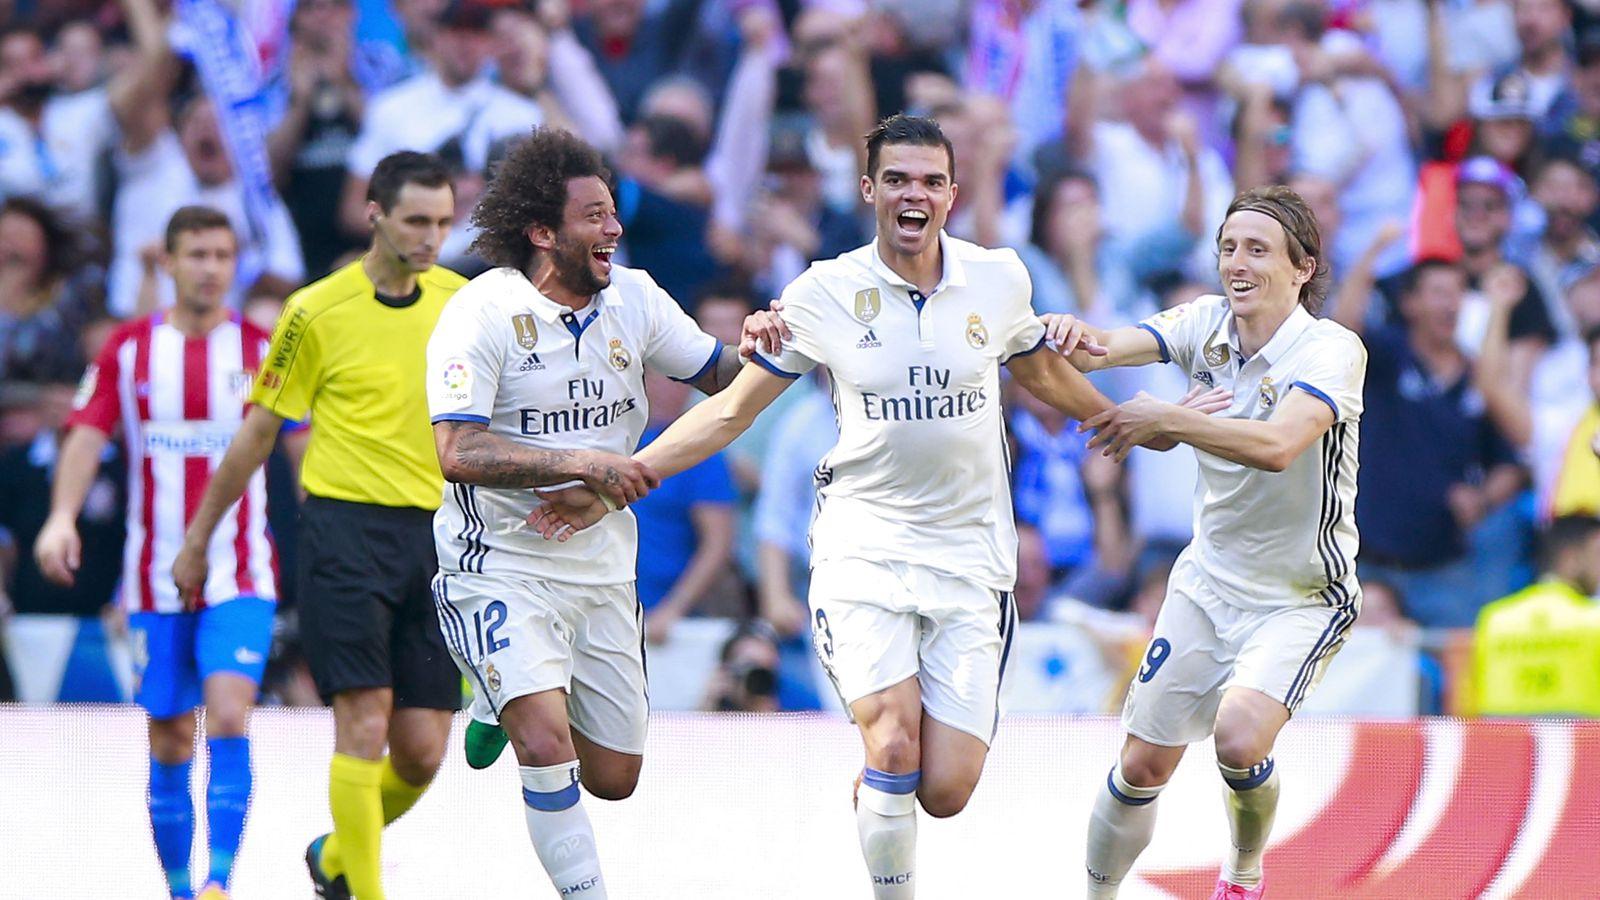 Managing Madrid A Real Madrid Community: Real Madrid 1-1 Atlético Madrid, 2017 La Liga: Player